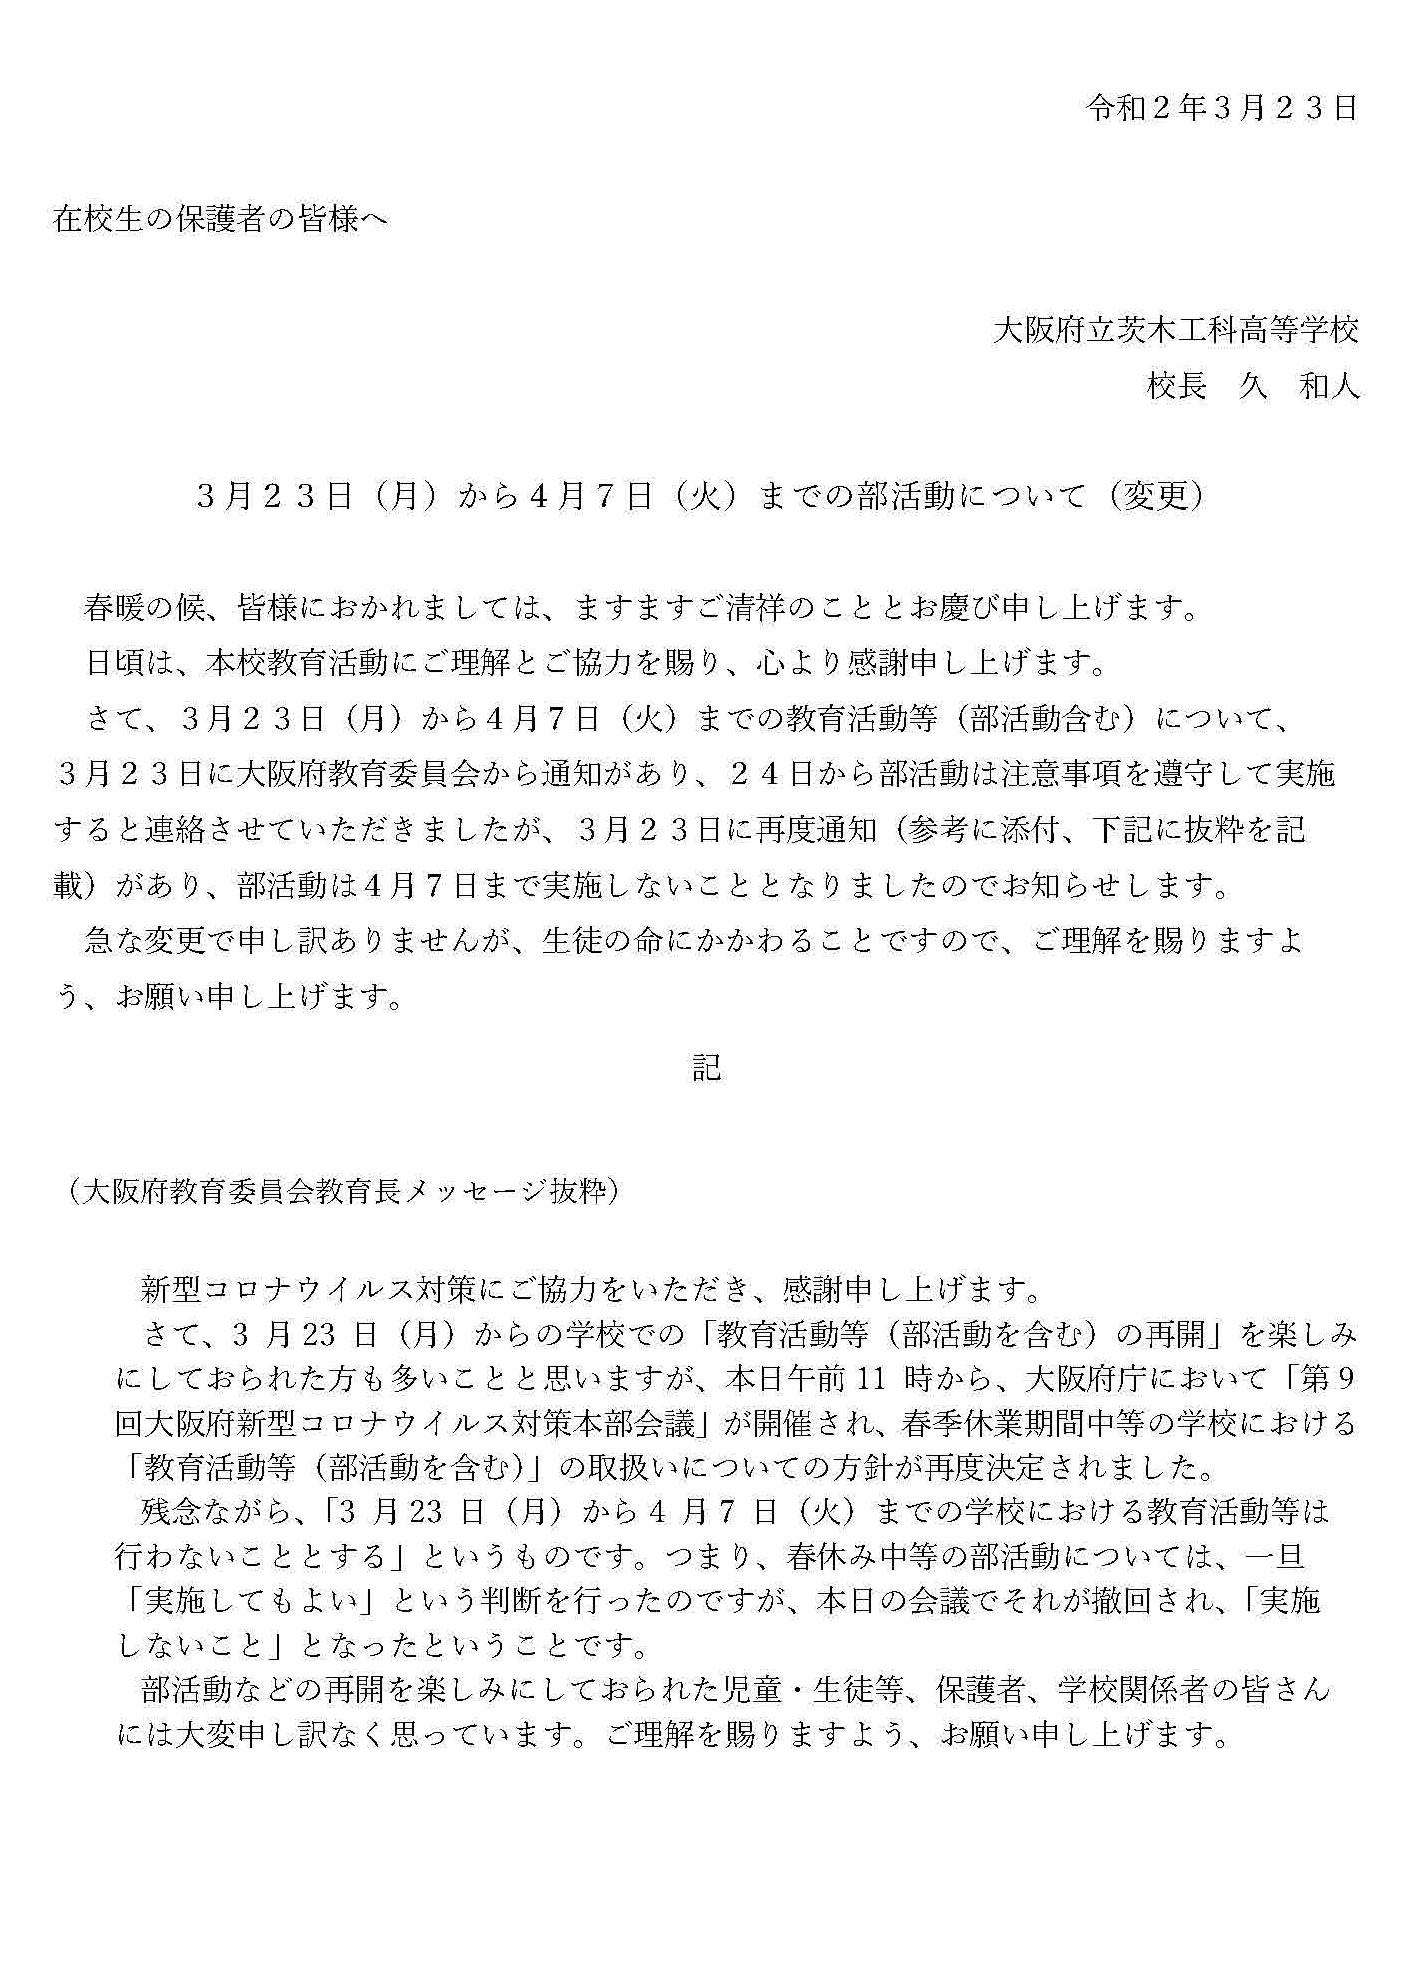 3/23-4/7までの教育活動(部活動)について(変更)